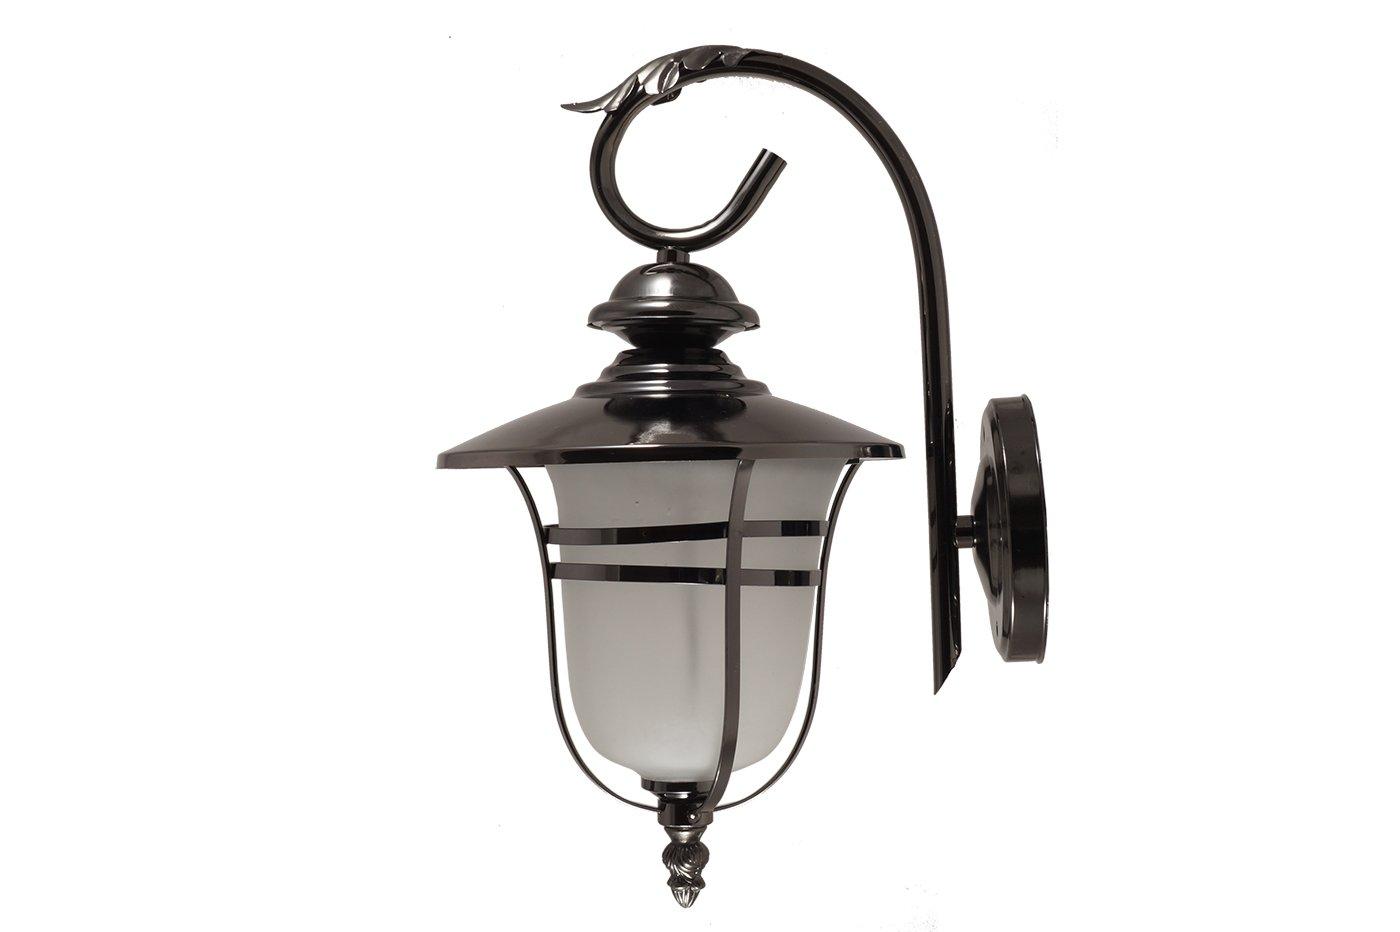 Applique lampada lanterna lampione lampioncino parete montante